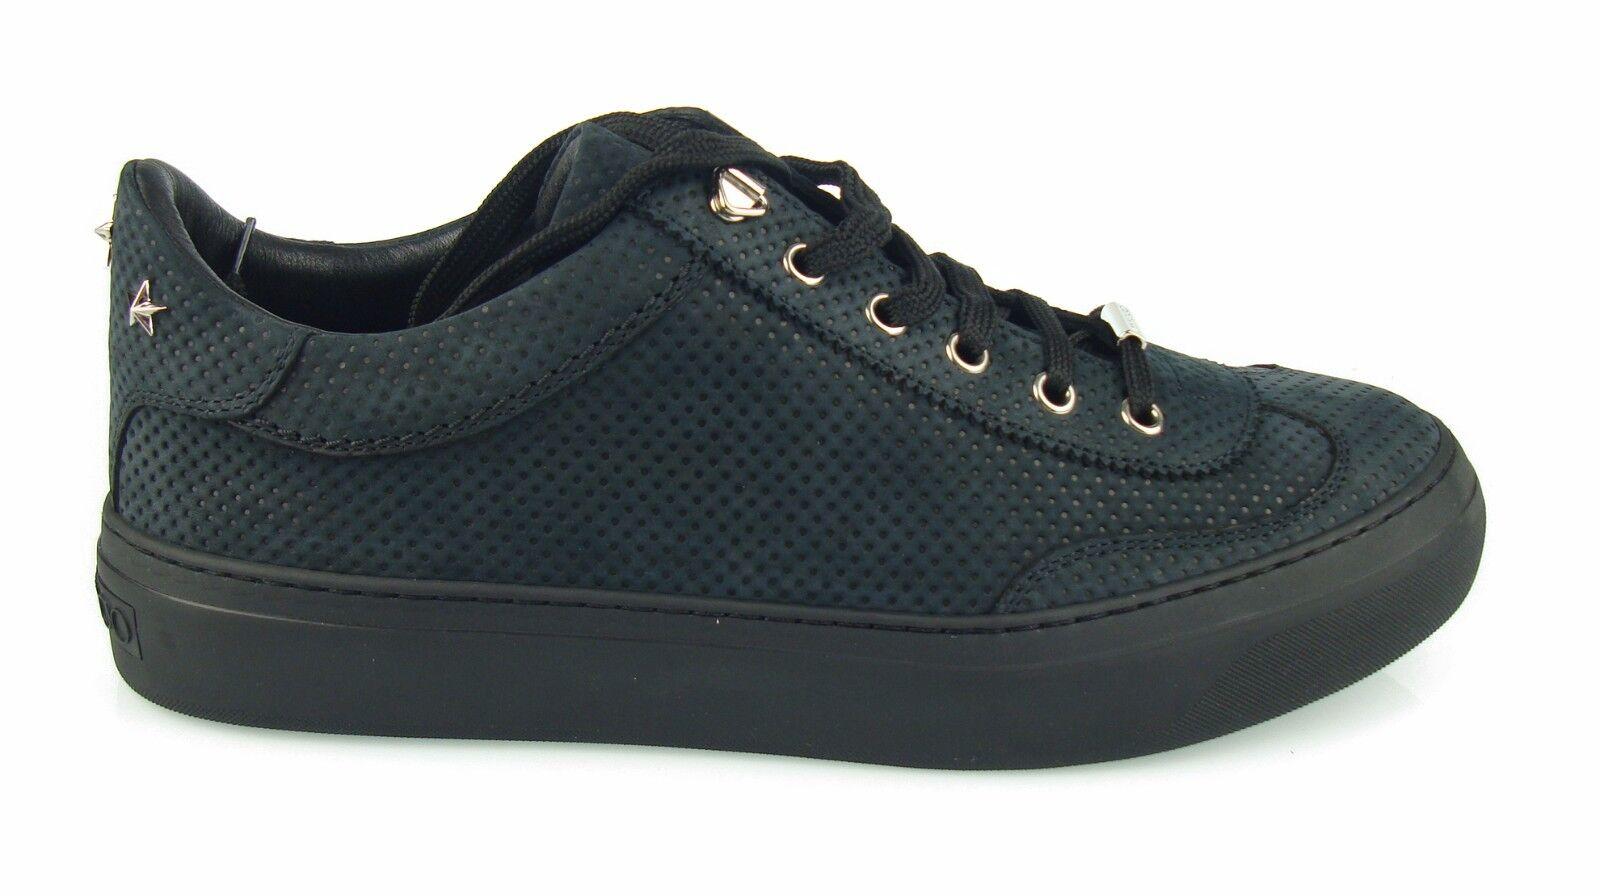 JIMMY CHOO Sneakers Sneakers Sneakers CASH     MAN Chaussure s 100%AUT HERREN SHUHE C7S | En Qualité Supérieure  | Moderne  | Conception Moderne  2e1842